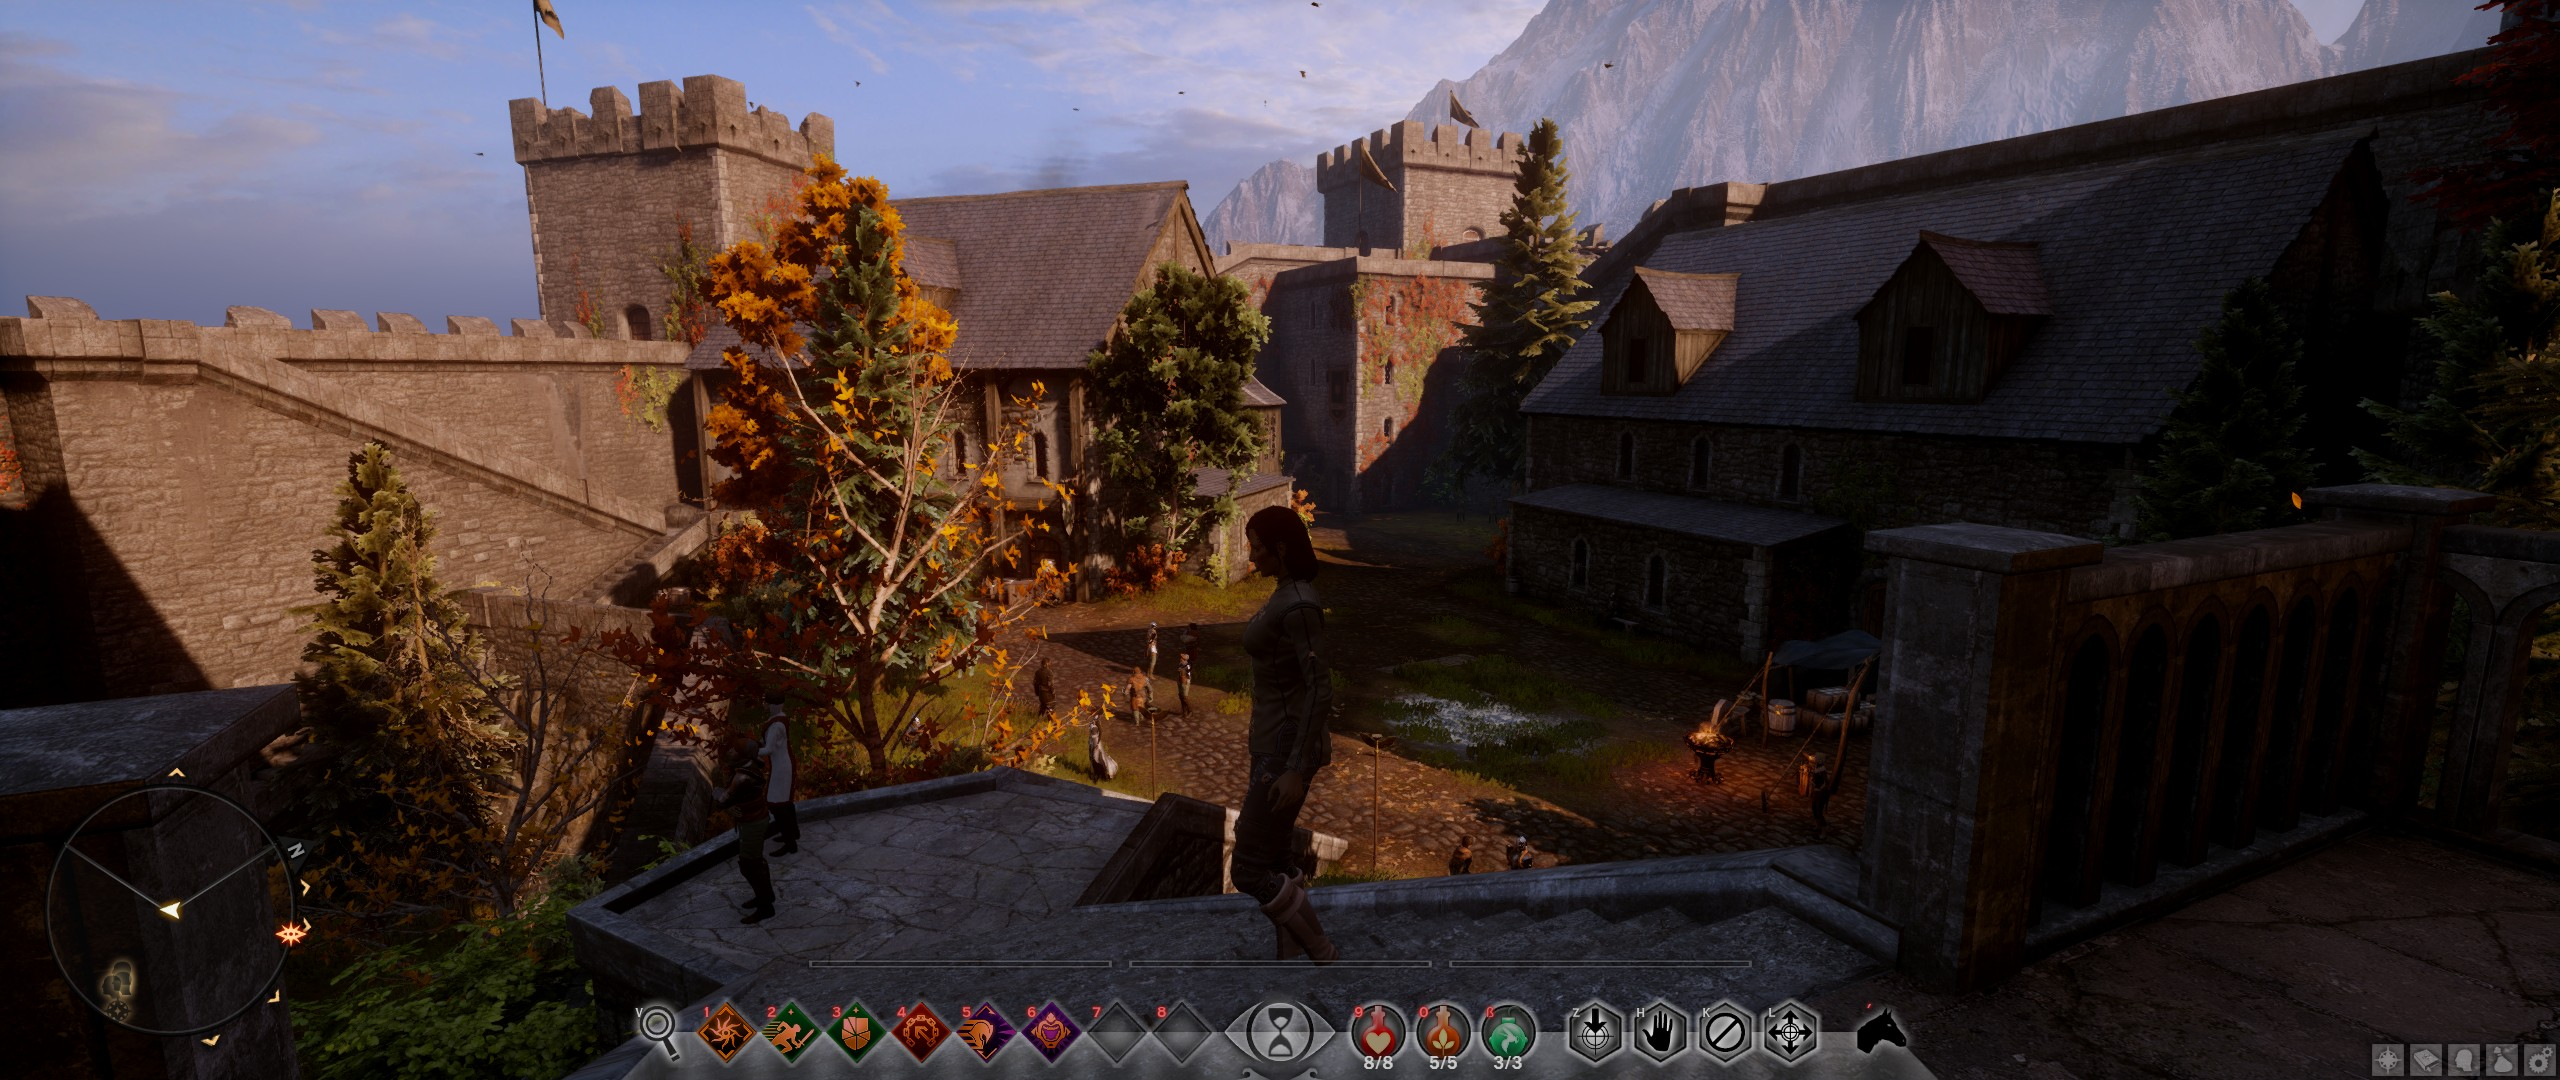 ScreenshotWin32_0072_Final